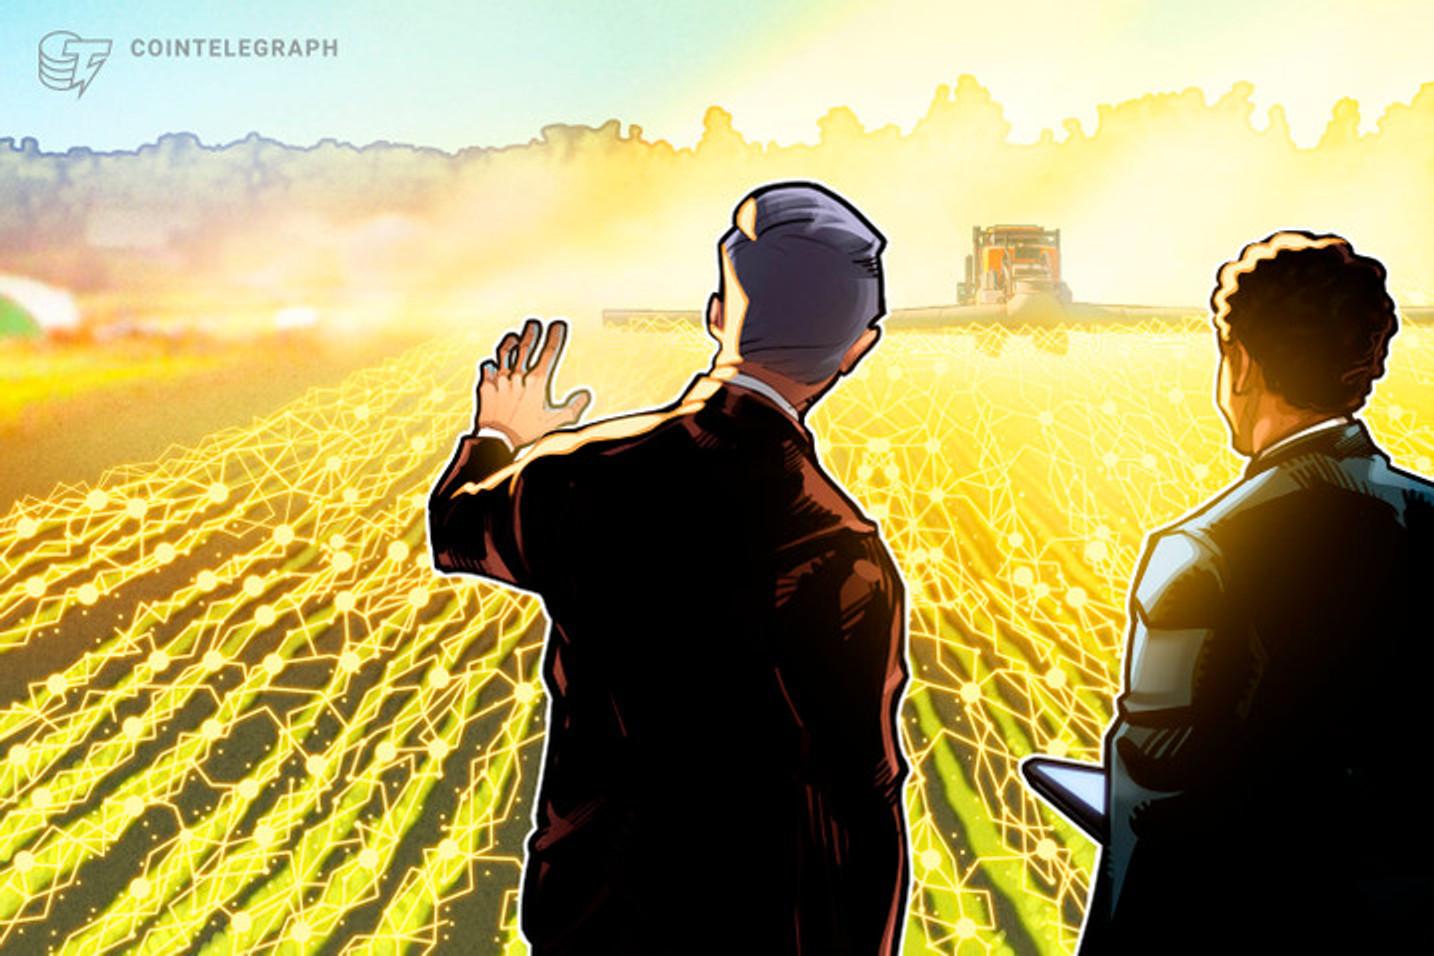 España: Expertos analizan el potencial de blockchain en el sector primario